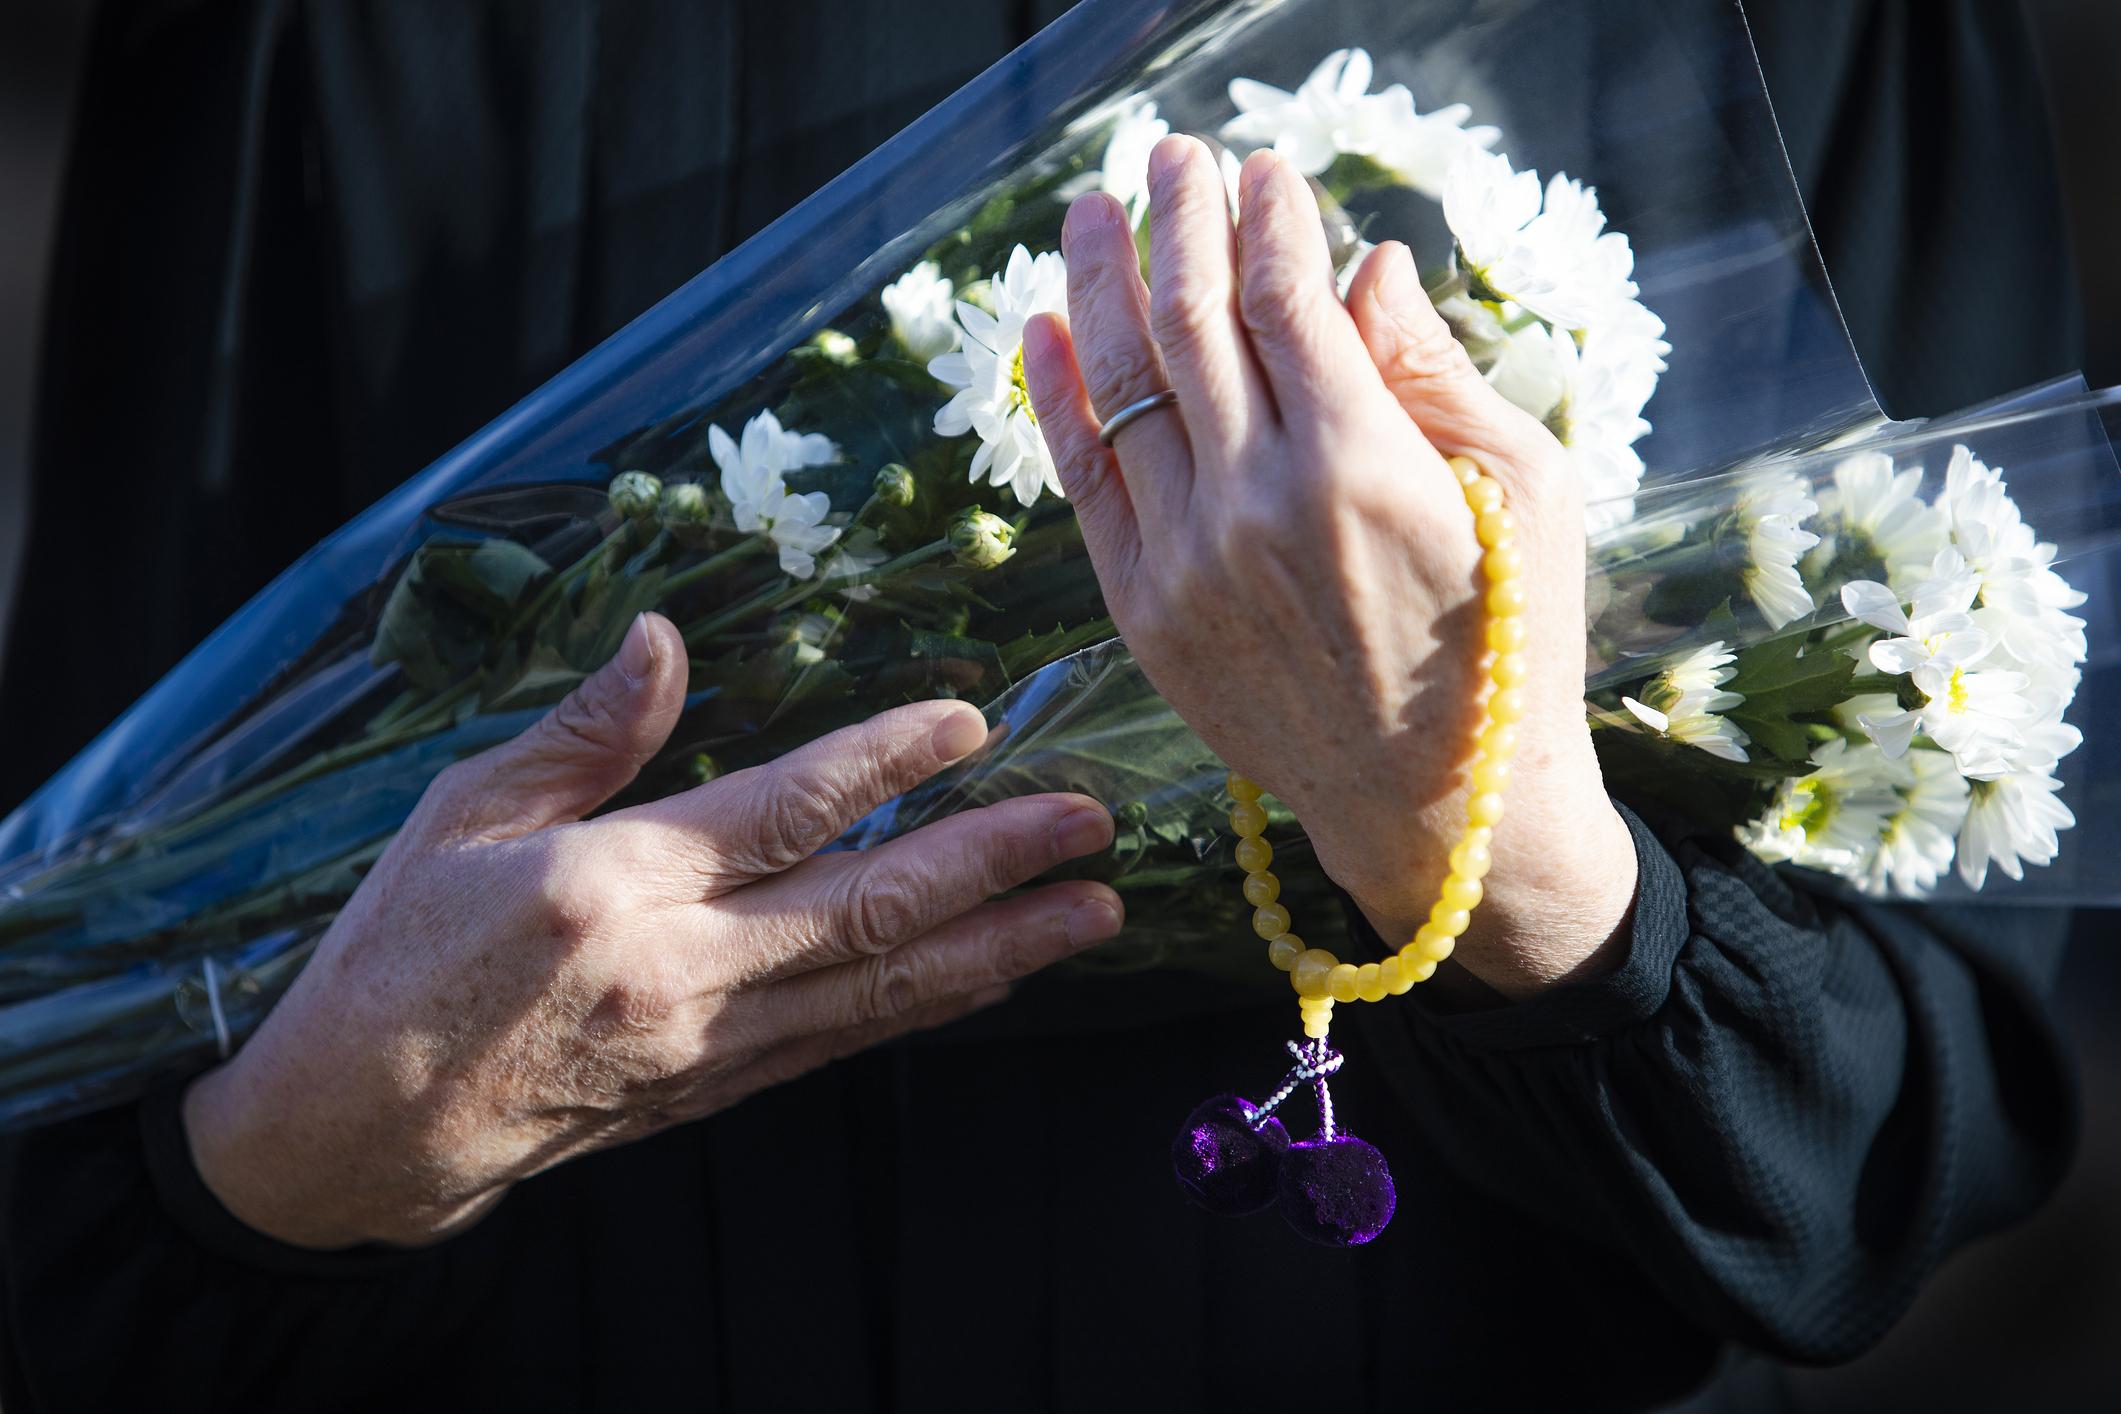 311e36d147 Férje temetésén suttog valamit a férfi fülébe. Két hónappal később sokkoló  hírt kap a kórházból - Blikk Rúzs